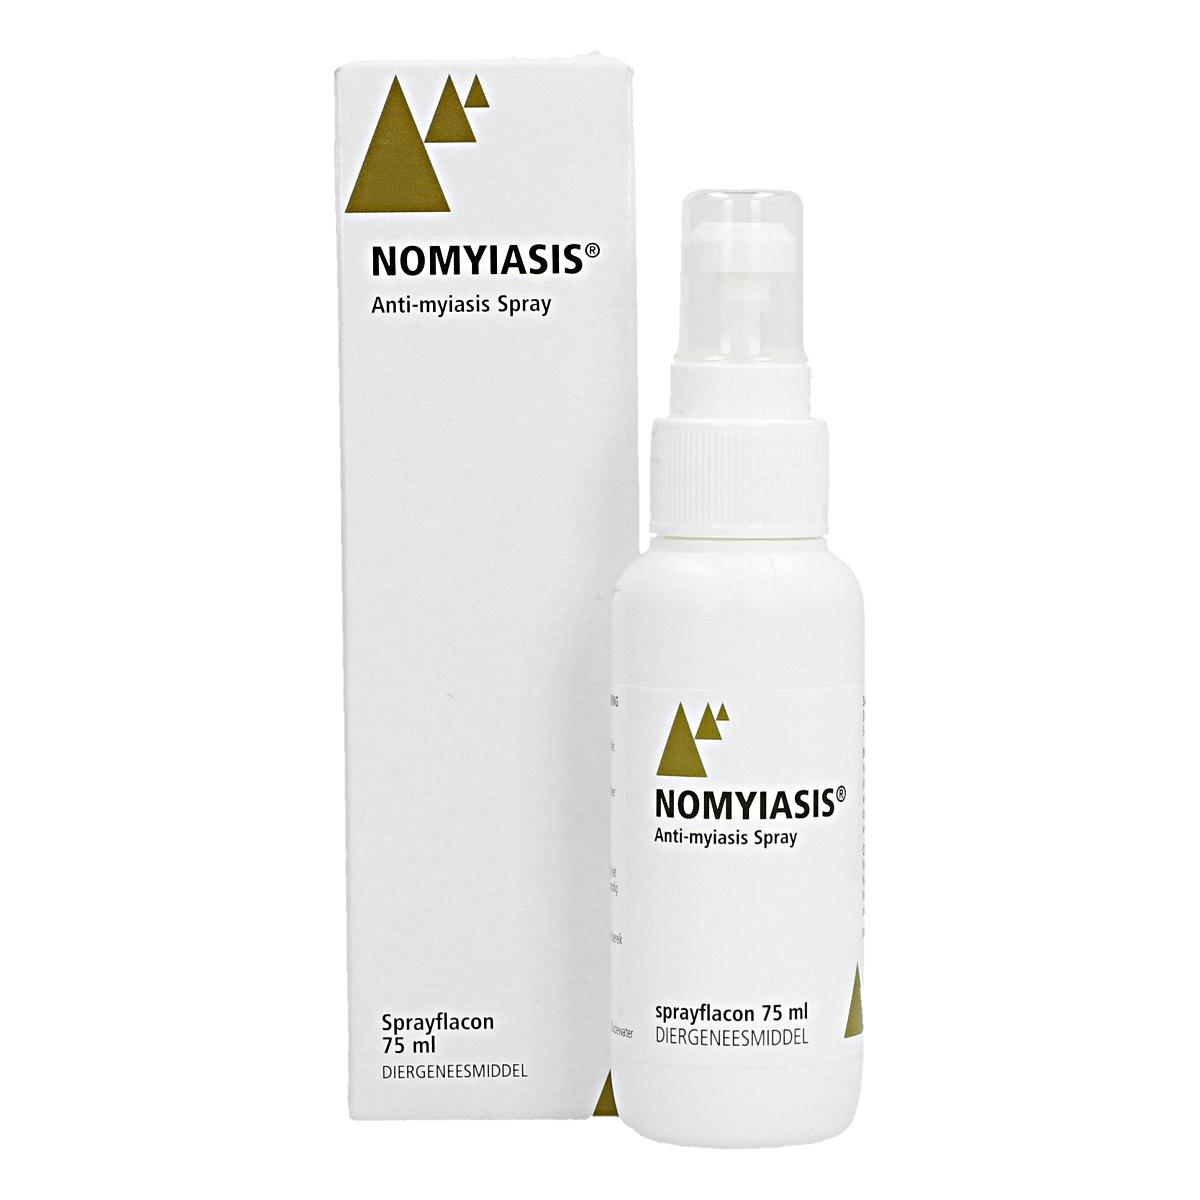 Afbeelding van AST Pharma Nomyiasis 75 ml